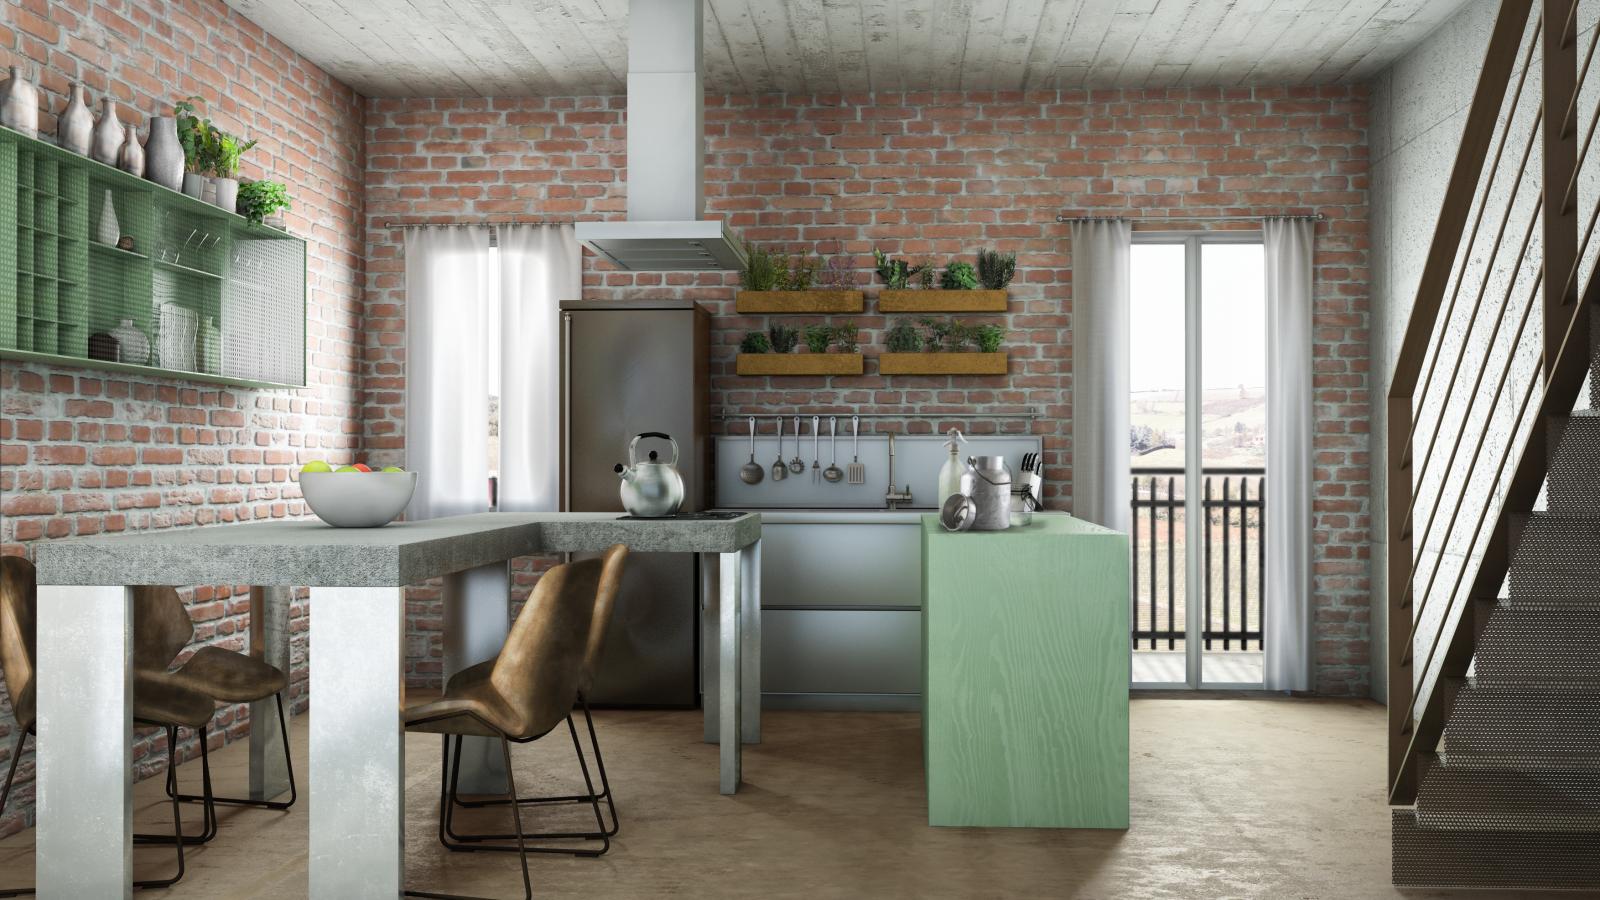 Progetti Cucina Soggiorno. Trendy Emejing Idee Per La Cucina Ideas ...